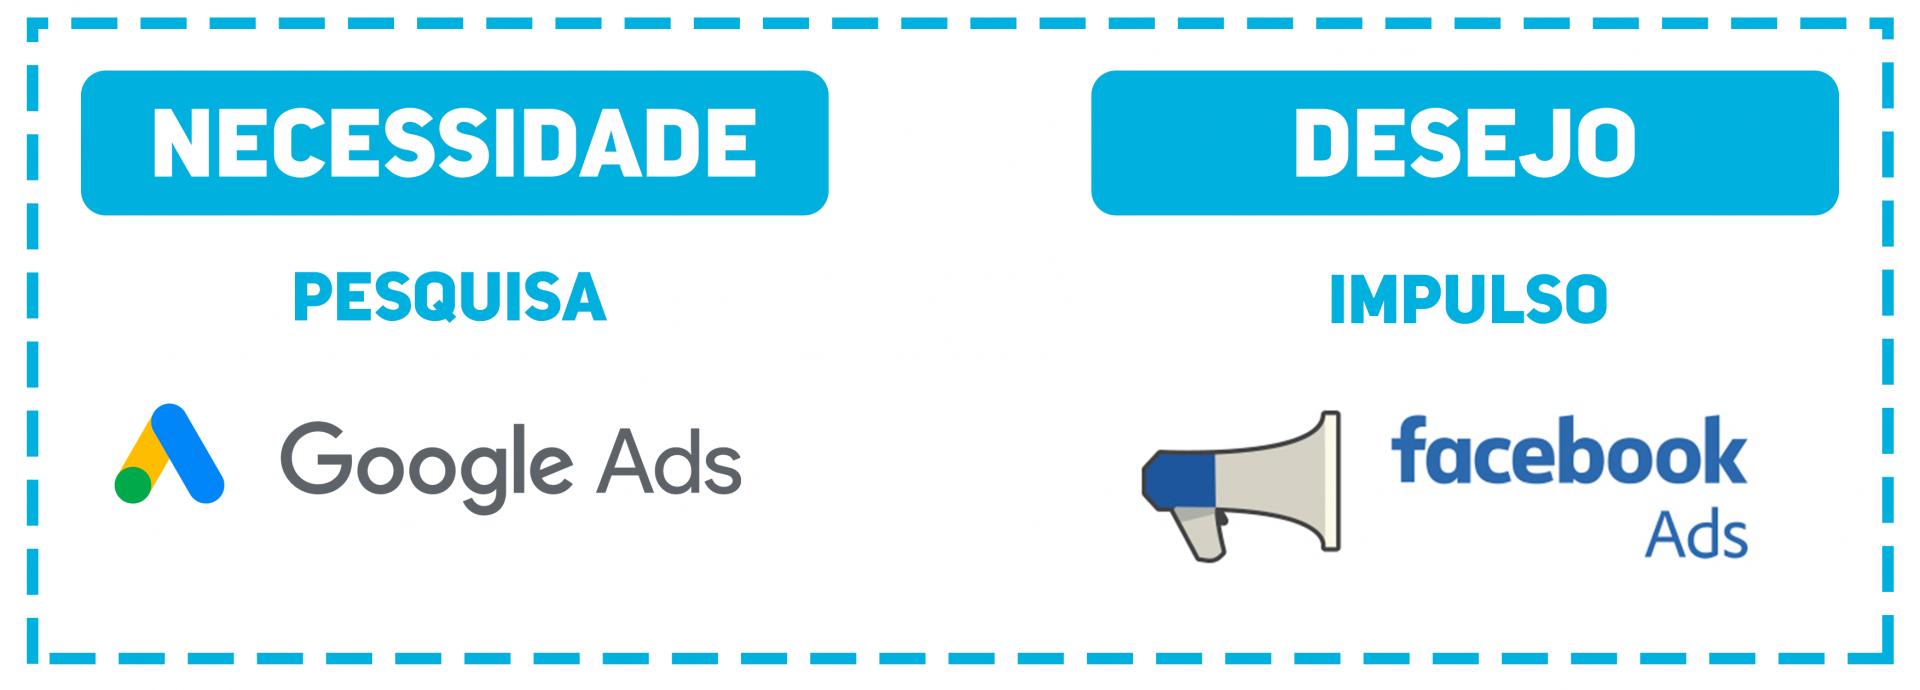 GOOGLE ADS OU FACEBOOK ADS? QUAL A PLATAFORMA IDEAL PARA CRIAR PUBLICIDADE PARA O SEU NEGÓCIO?